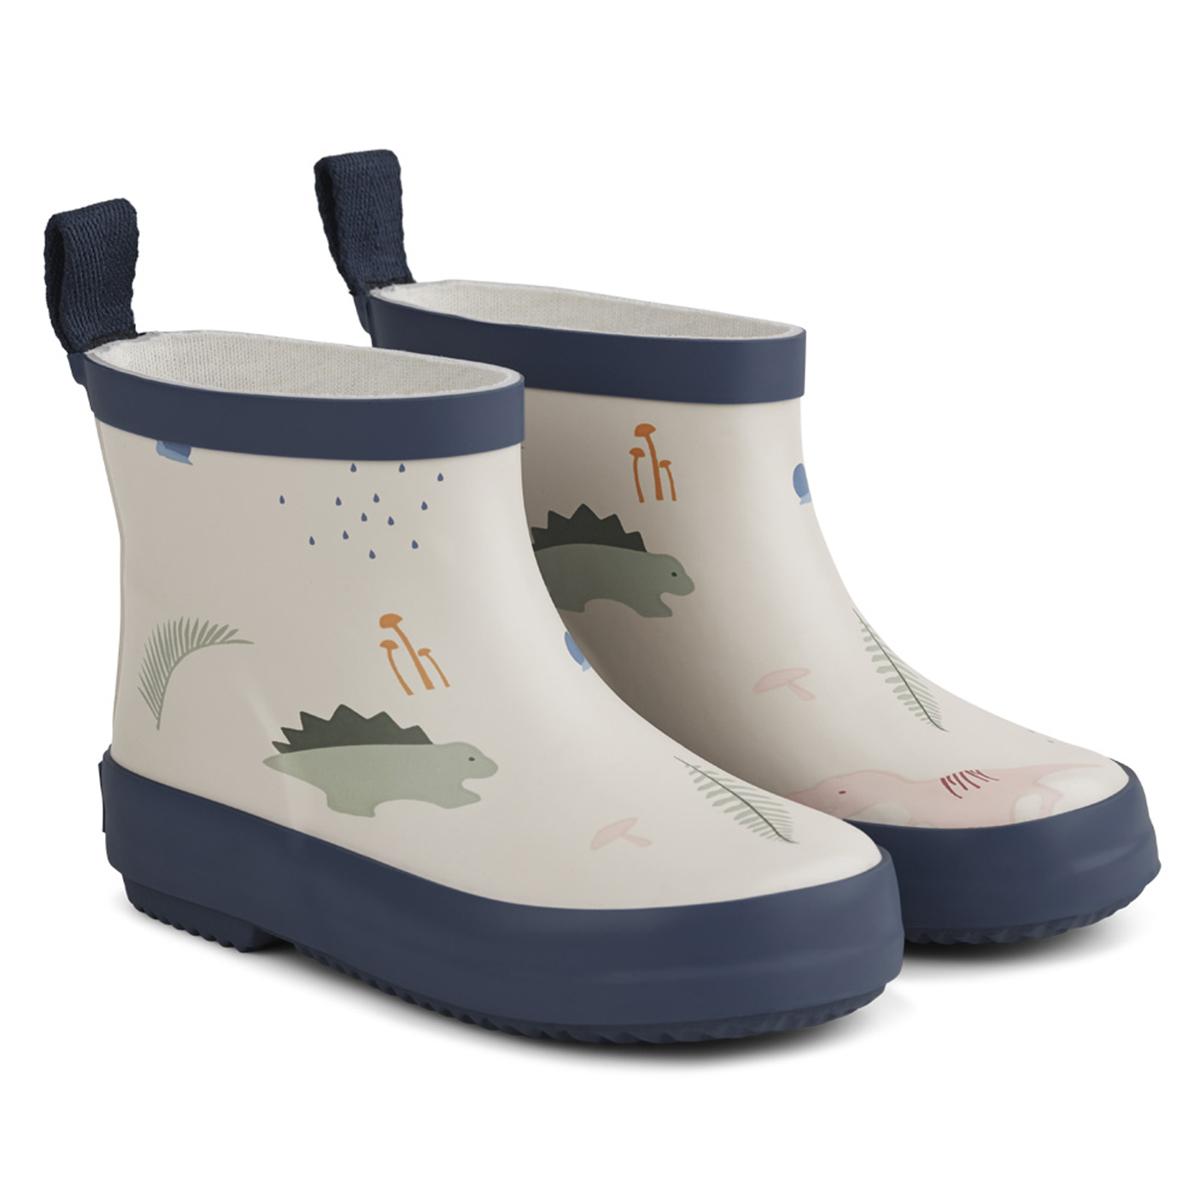 Chaussons & Chaussures Bottes de Pluie Tobi Dino Mix - 23